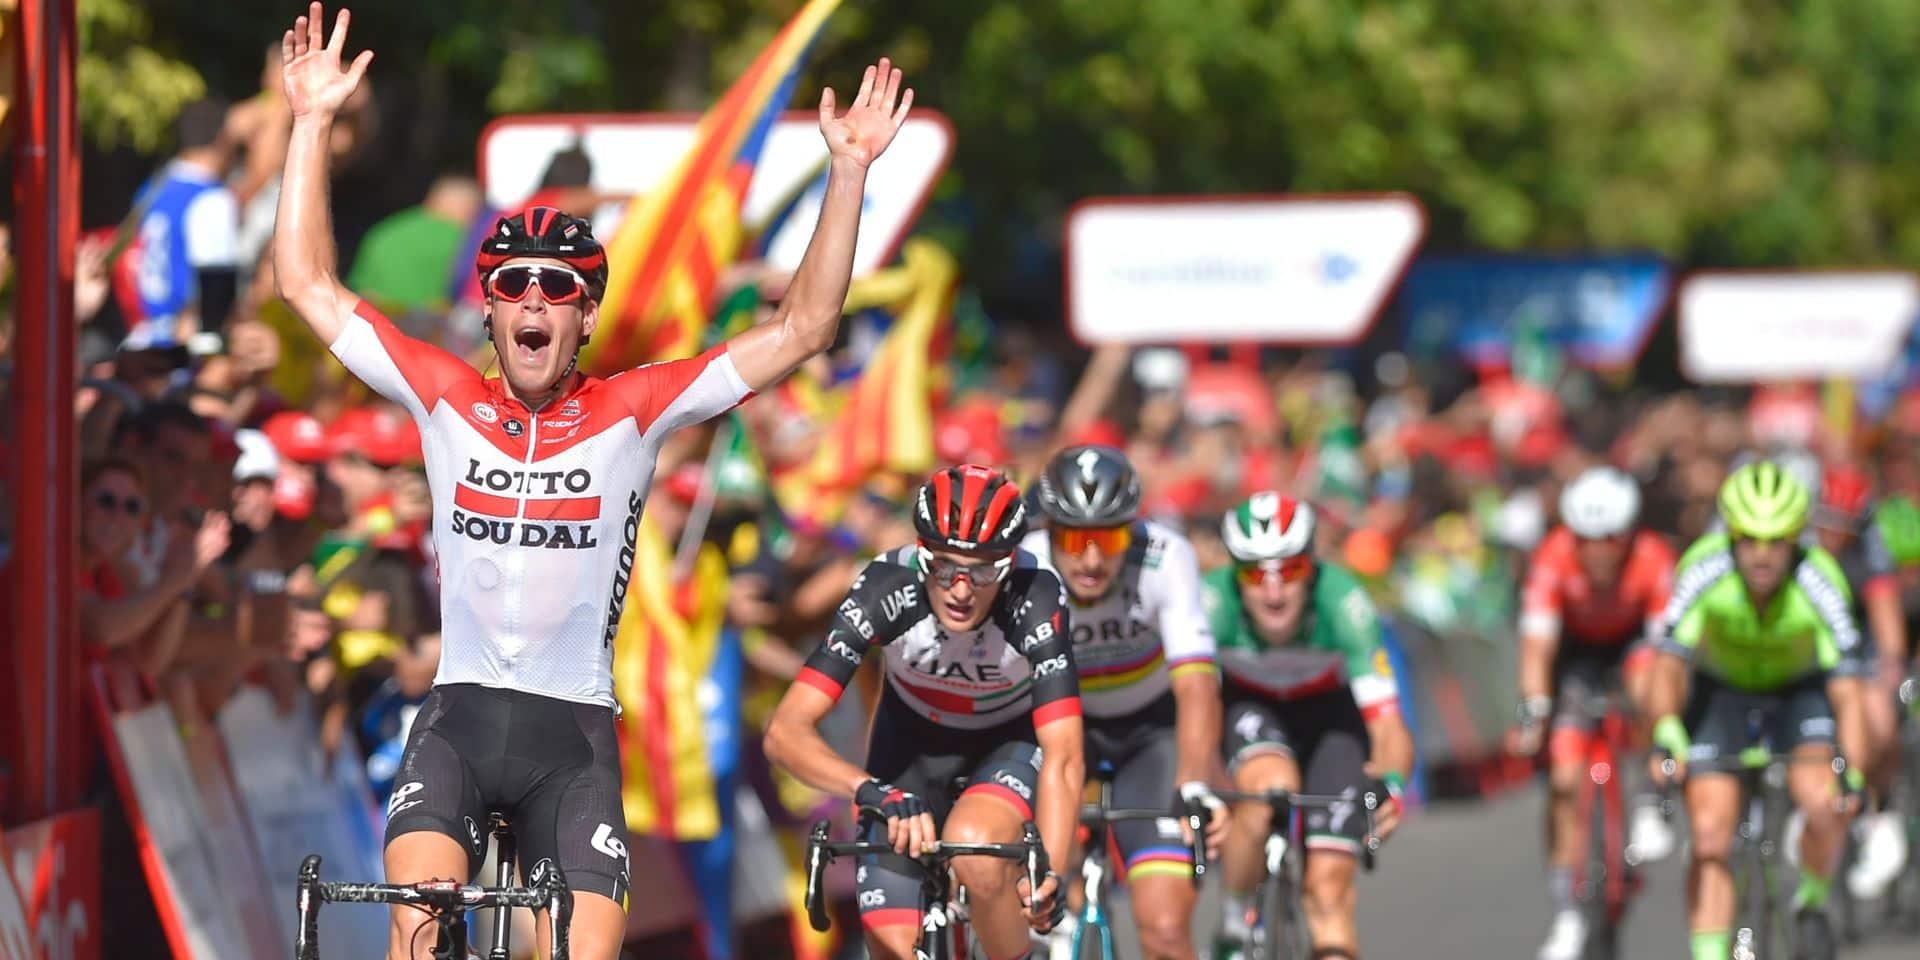 Vuelta: Victoire surprise du Belge Jelle Wallays, qui se joue des sprinters